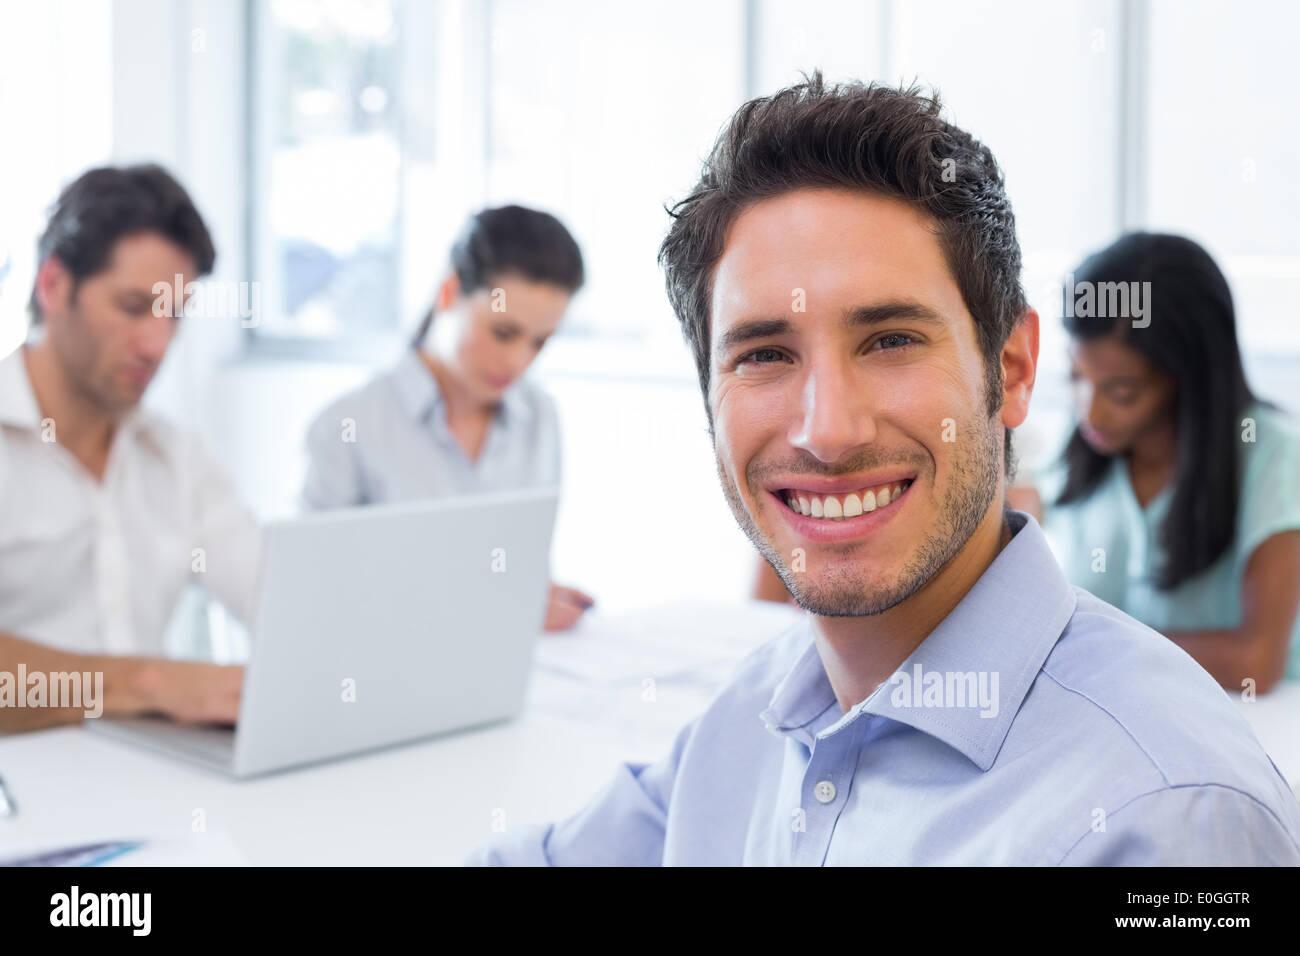 Attraktive Geschäftsmann lächelnd am Arbeitsplatz Stockfoto